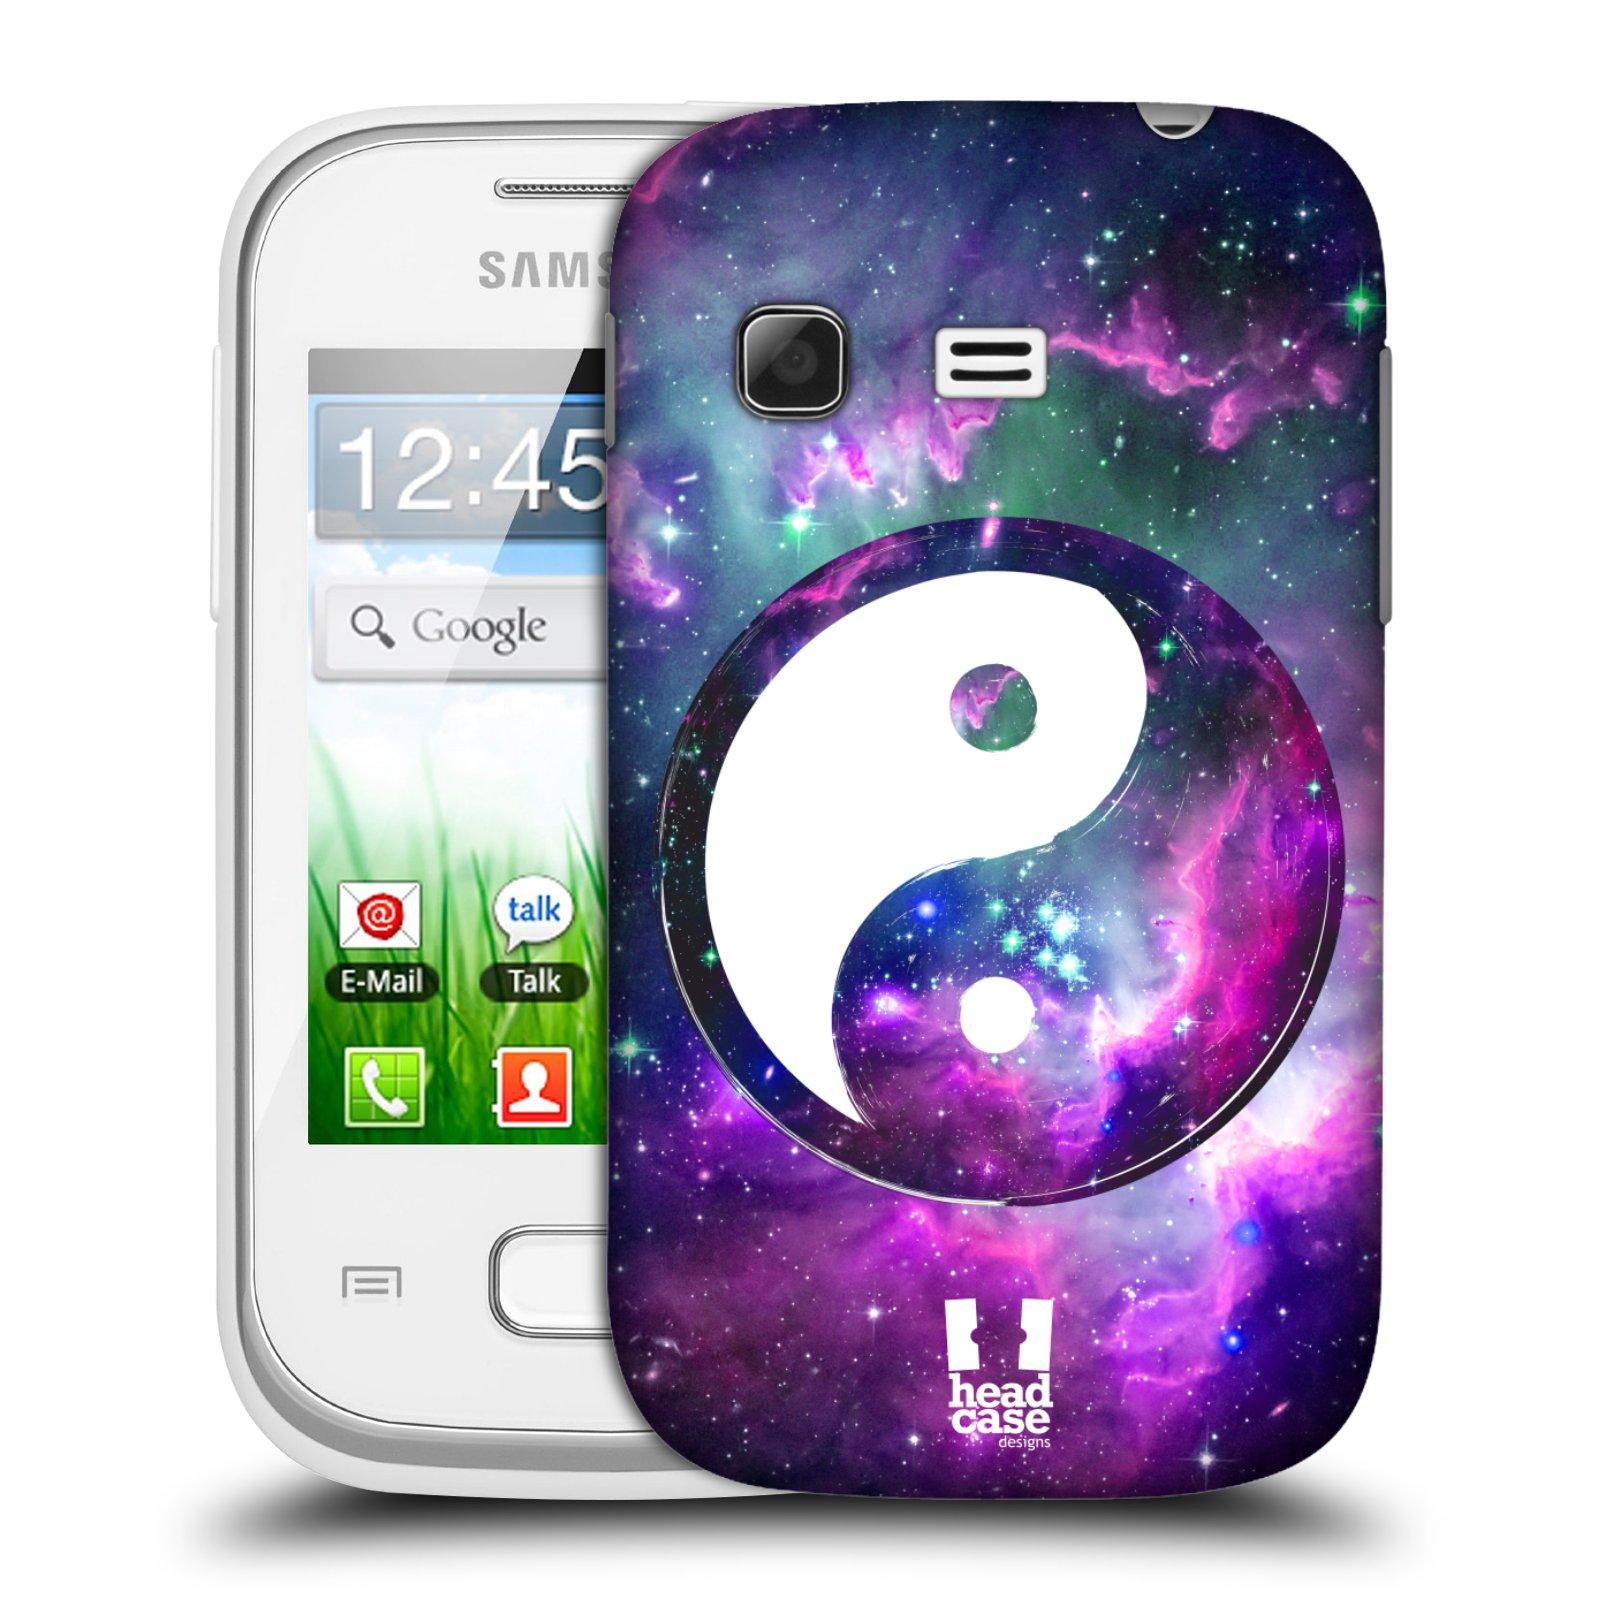 Plastové pouzdro na mobil Samsung Galaxy Pocket HEAD CASE Yin a Yang PURPLE (Kryt či obal na mobilní telefon Samsung Galaxy Pocket GT-S5300)